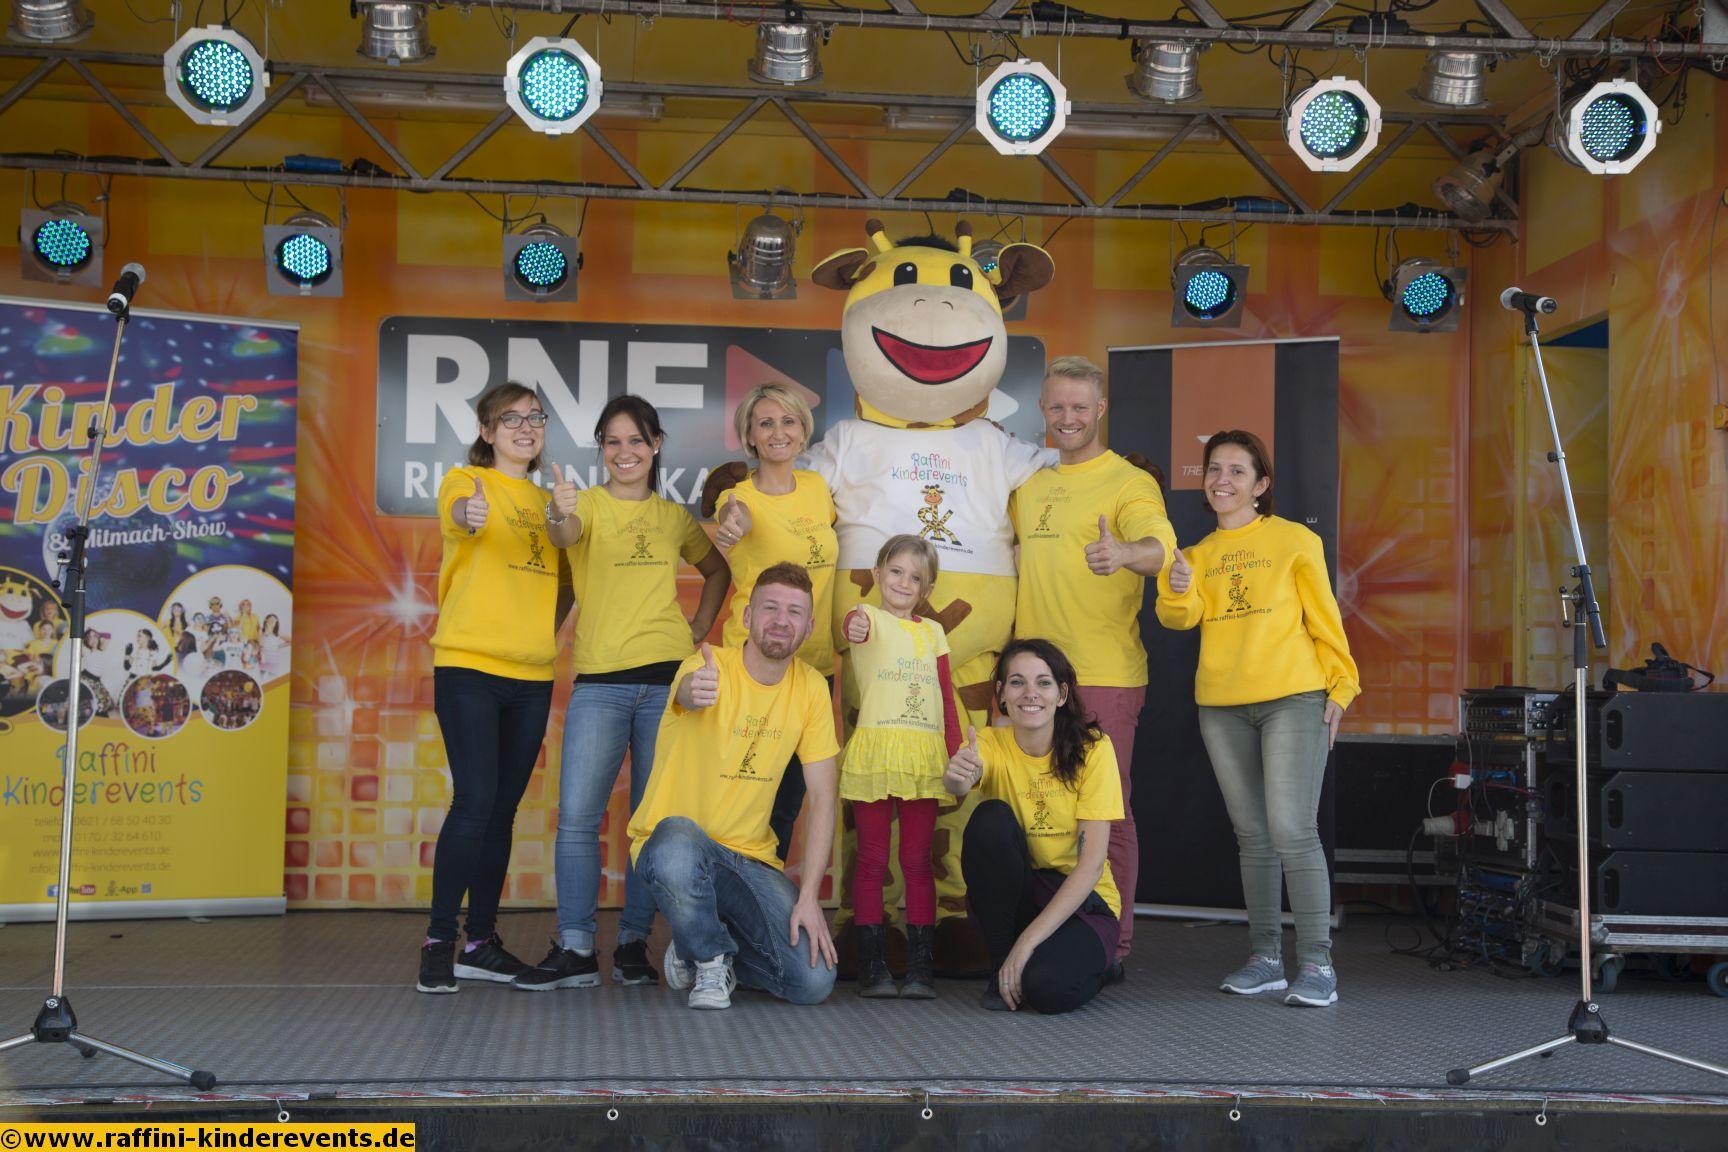 Kinderfest Raffini Kinderevents